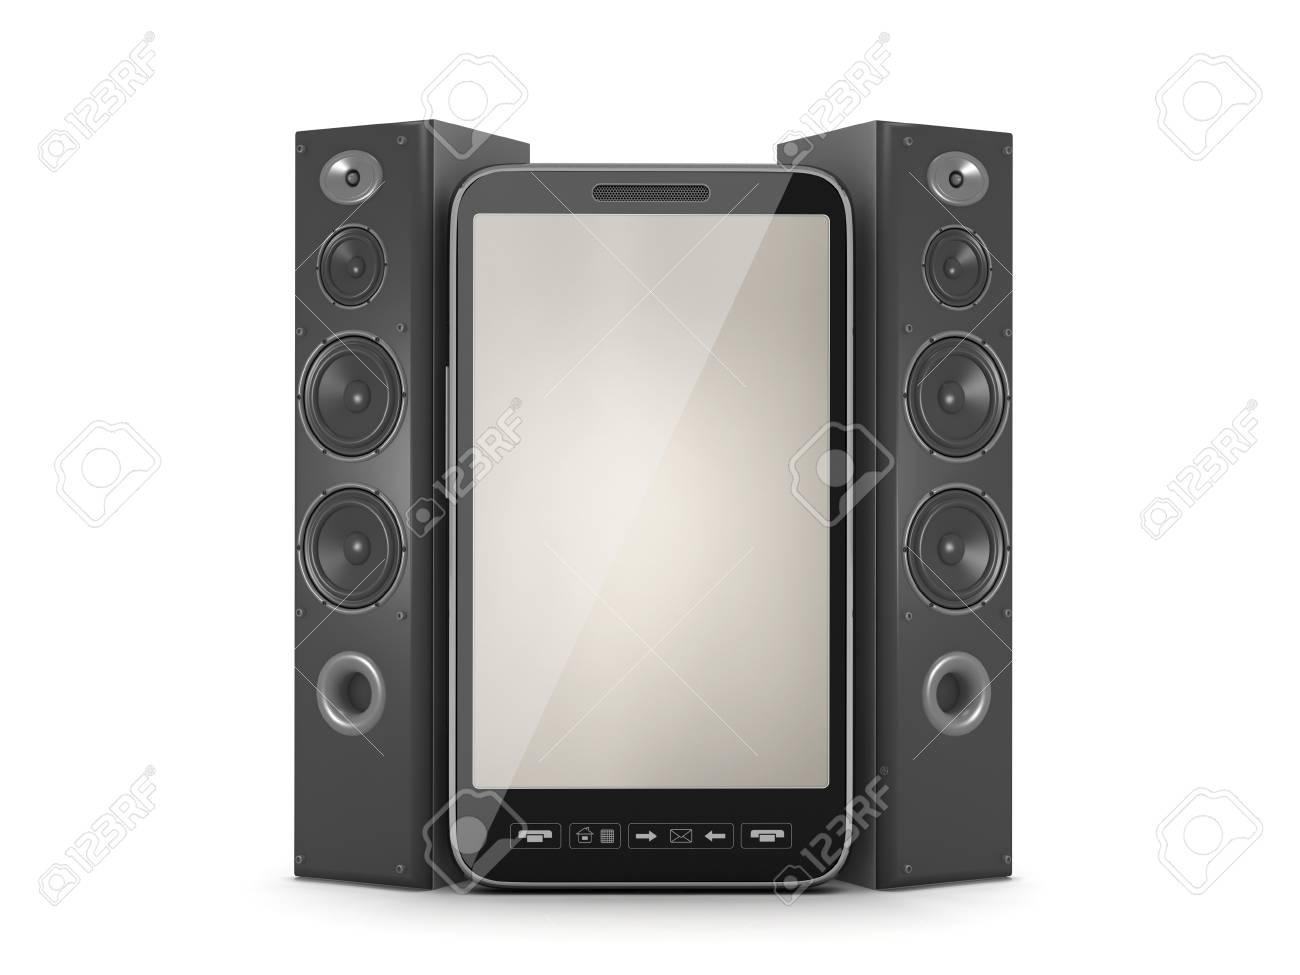 Musical Säulen Und Handy Auf Weißem Hintergrund Lizenzfreie Fotos ...